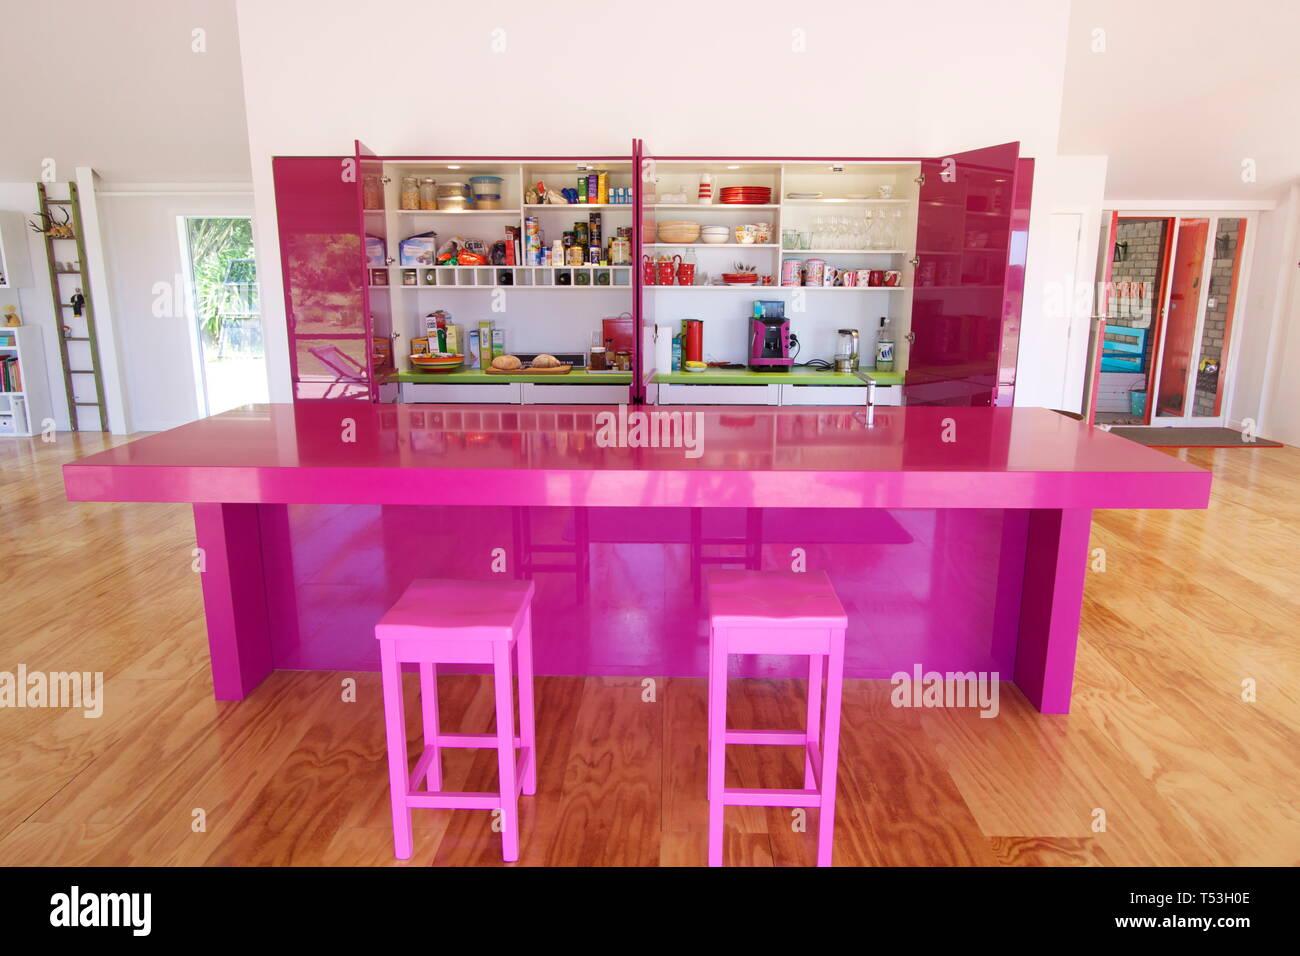 Magenta pink orange kitchen - Stock Image